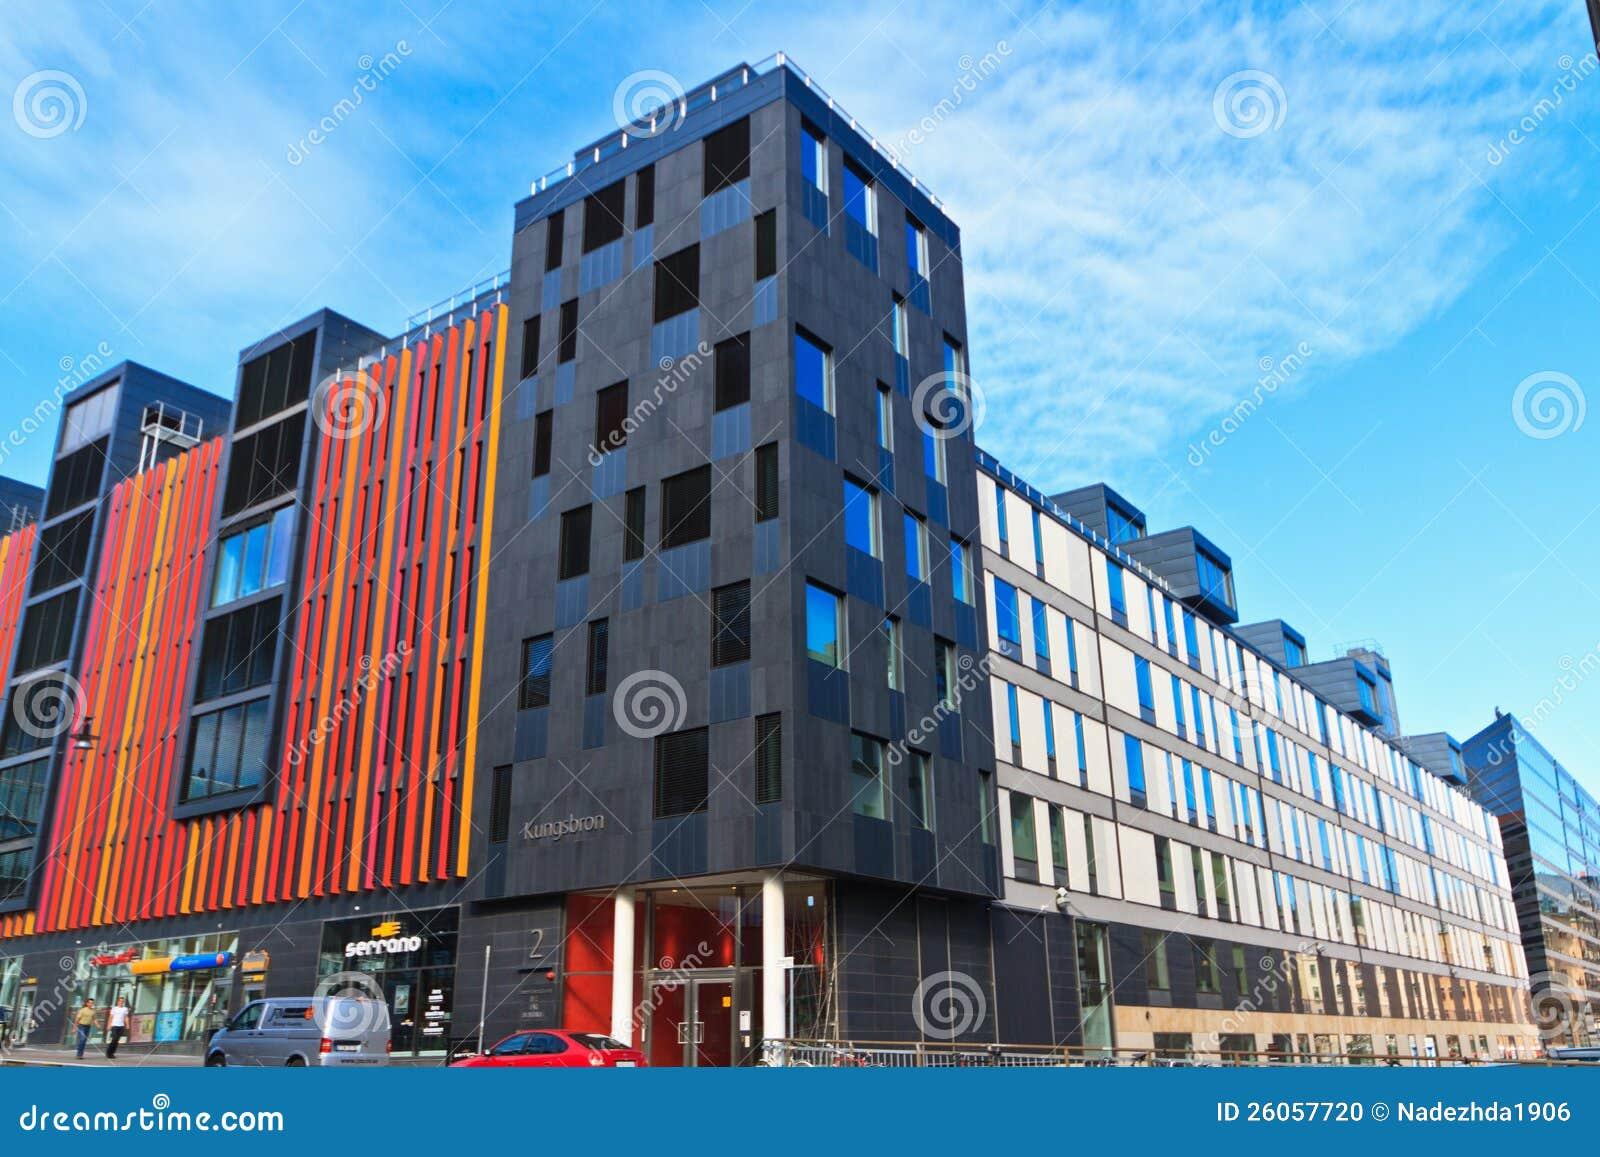 architettura moderna stoccolma immagine editoriale